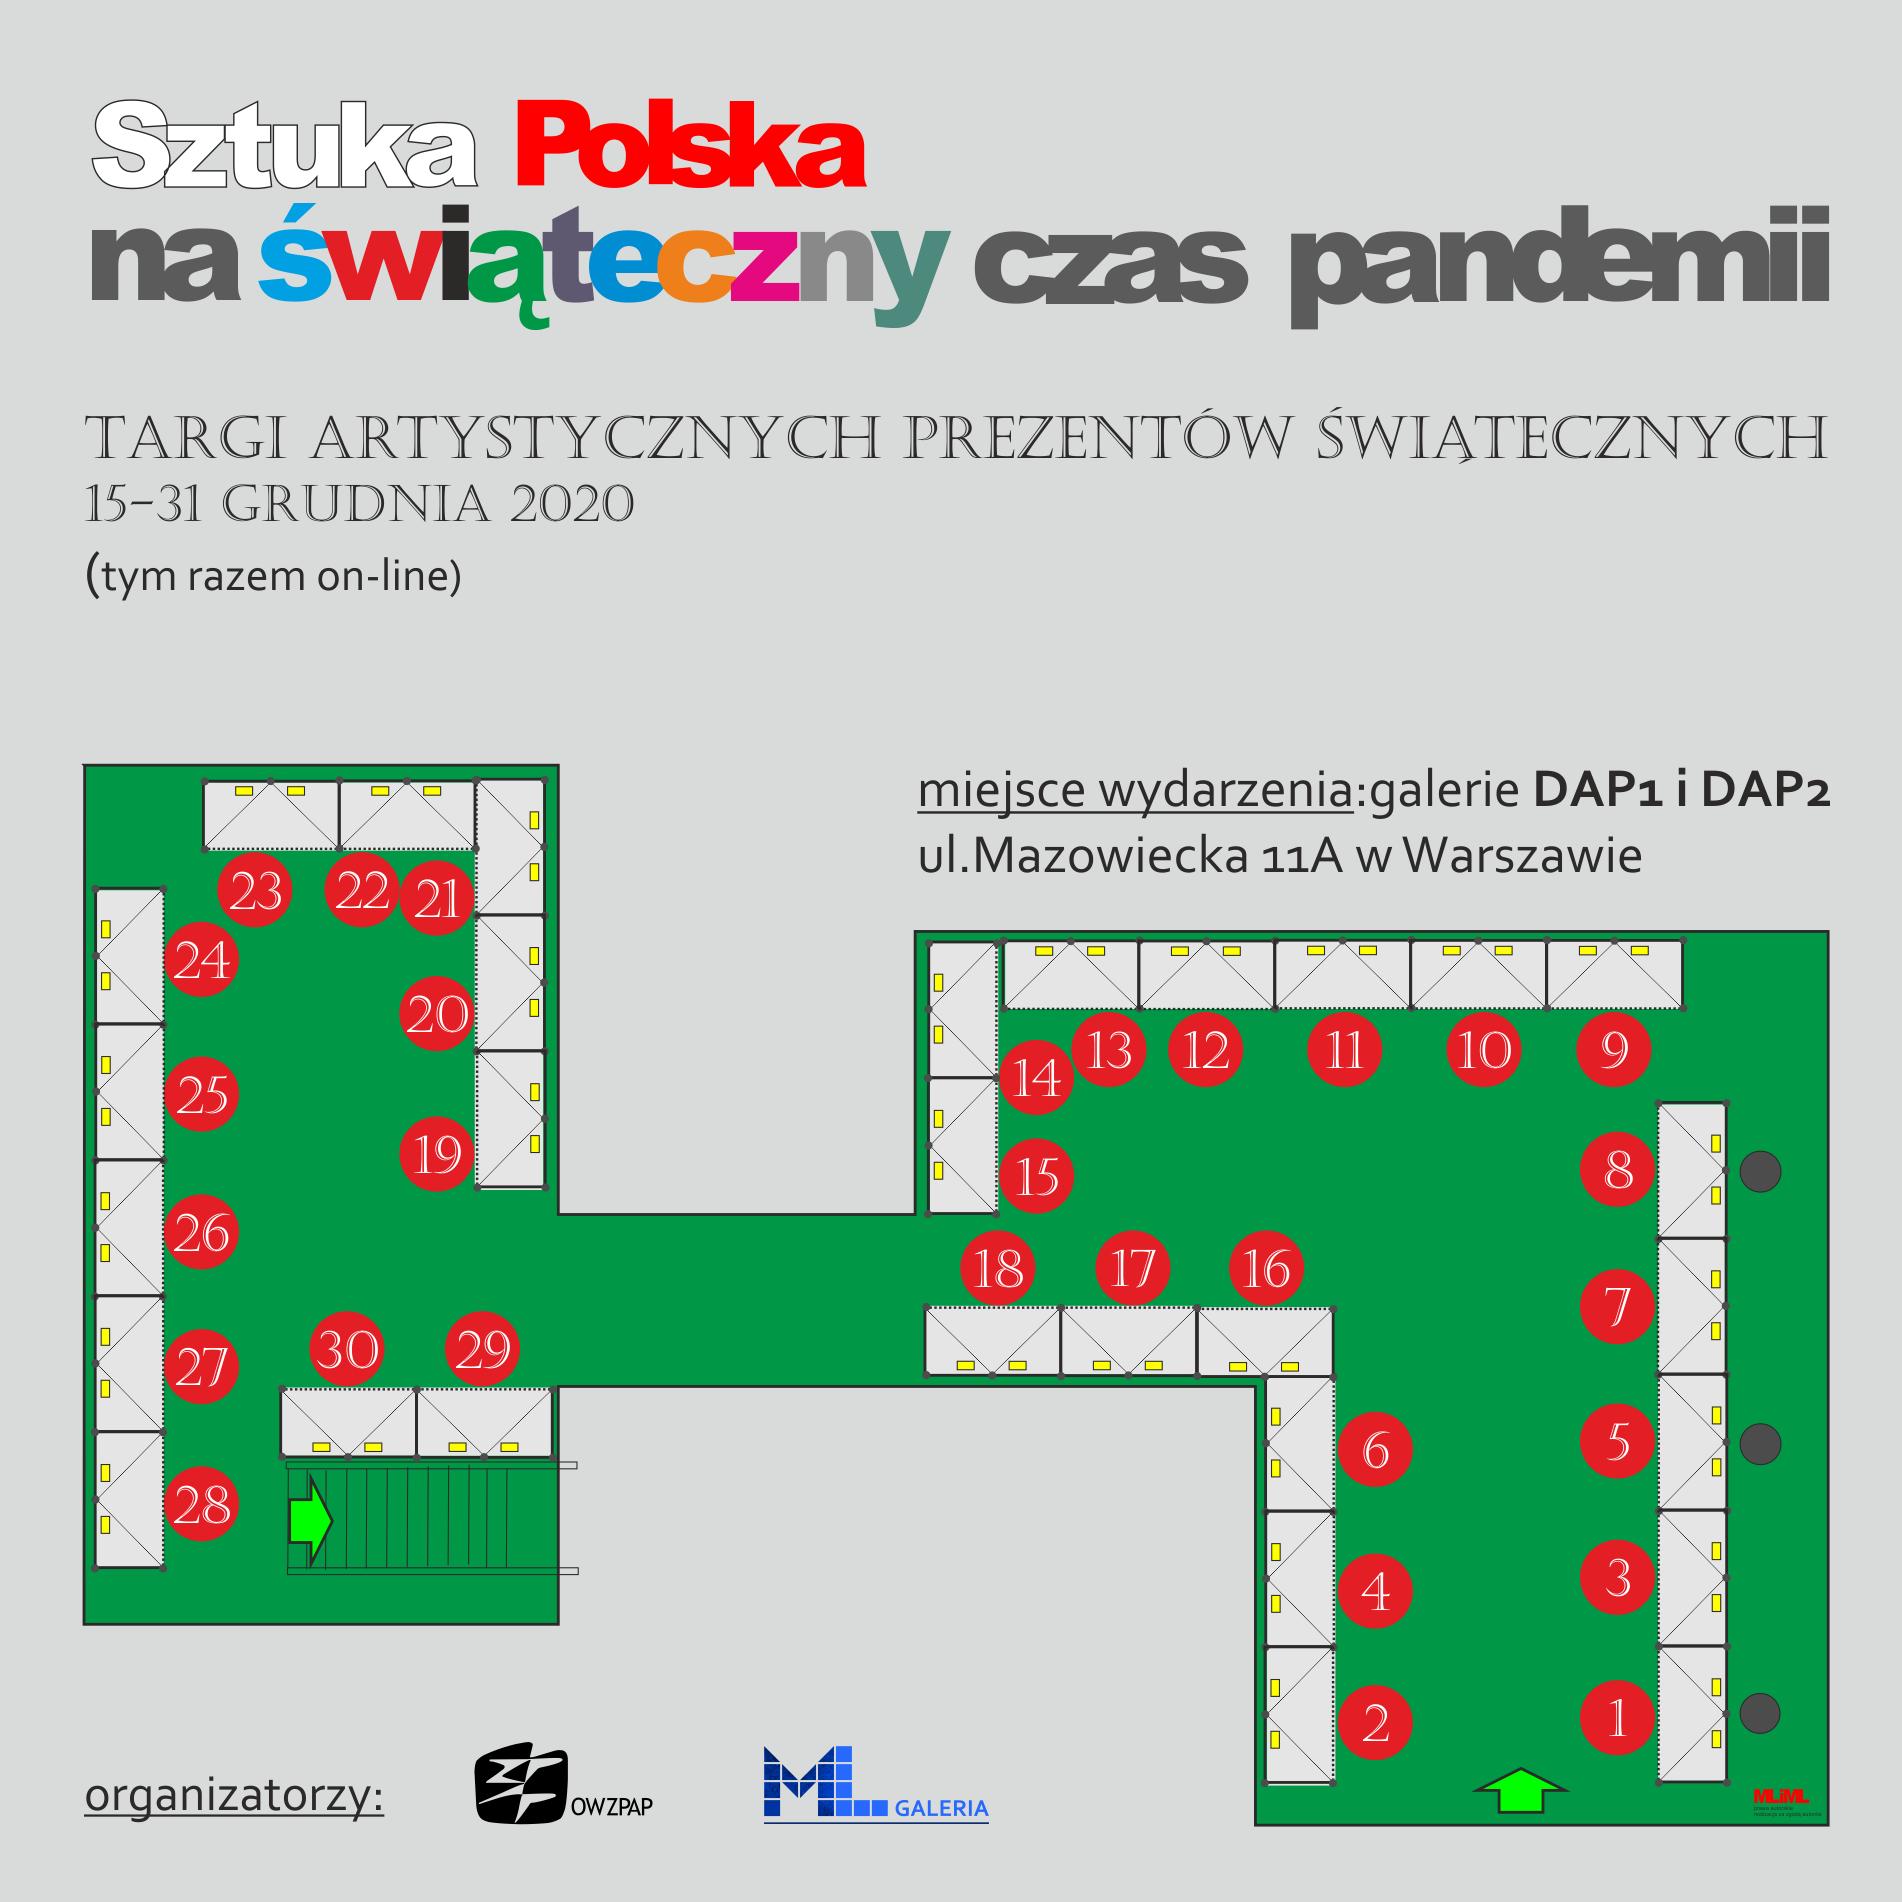 Targi sztuki i rzemiosła artystycznego. Sztuka polska na świąteczny czas pandemii